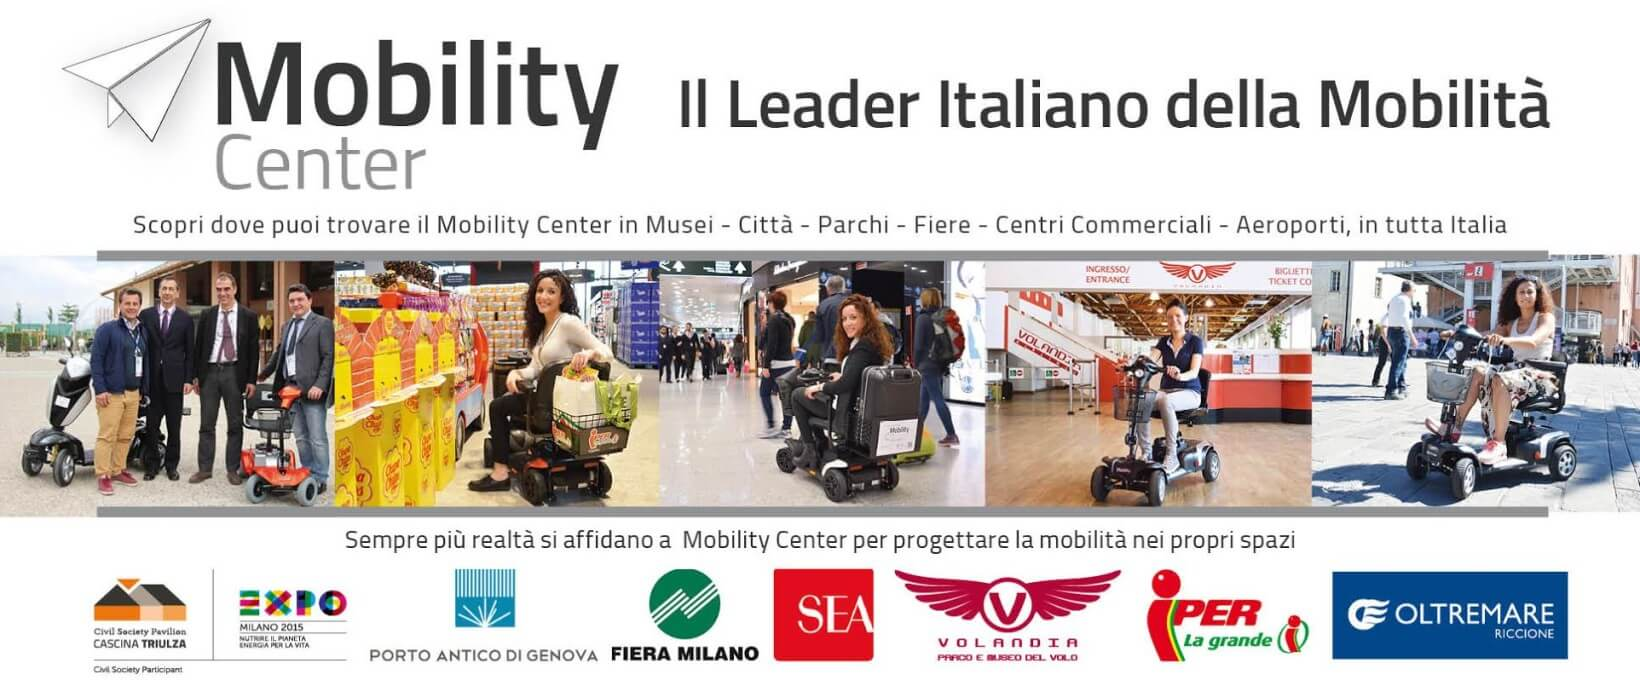 mobility center leader italiano della mobilità